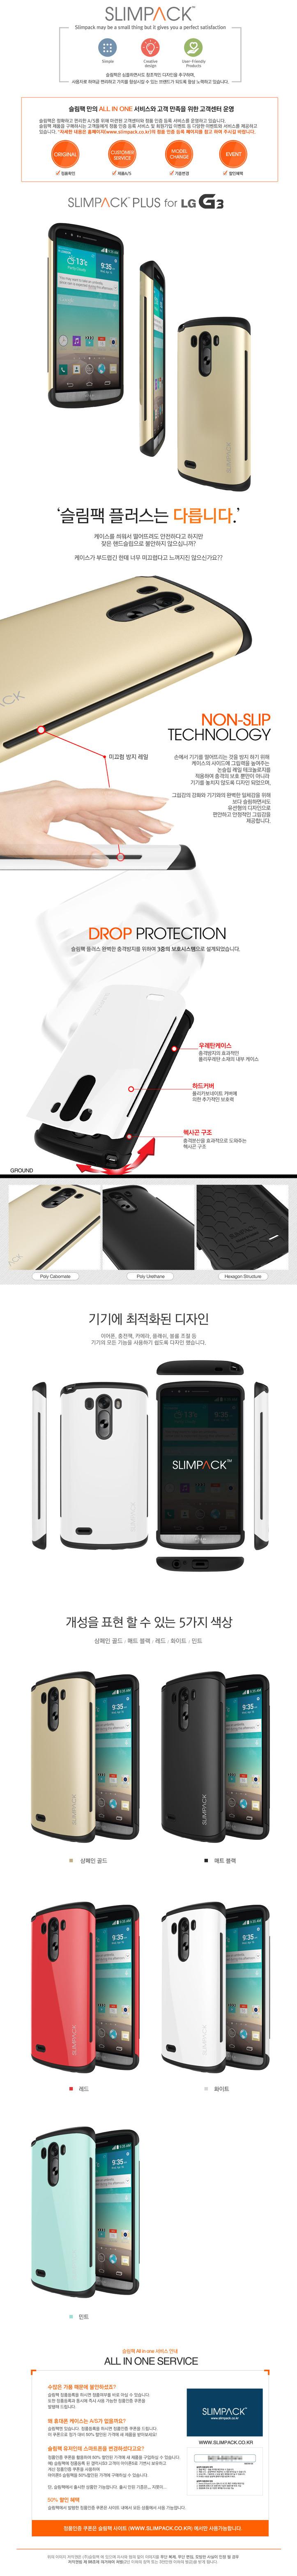 슬림팩 LG G3 케이스가 똭~!